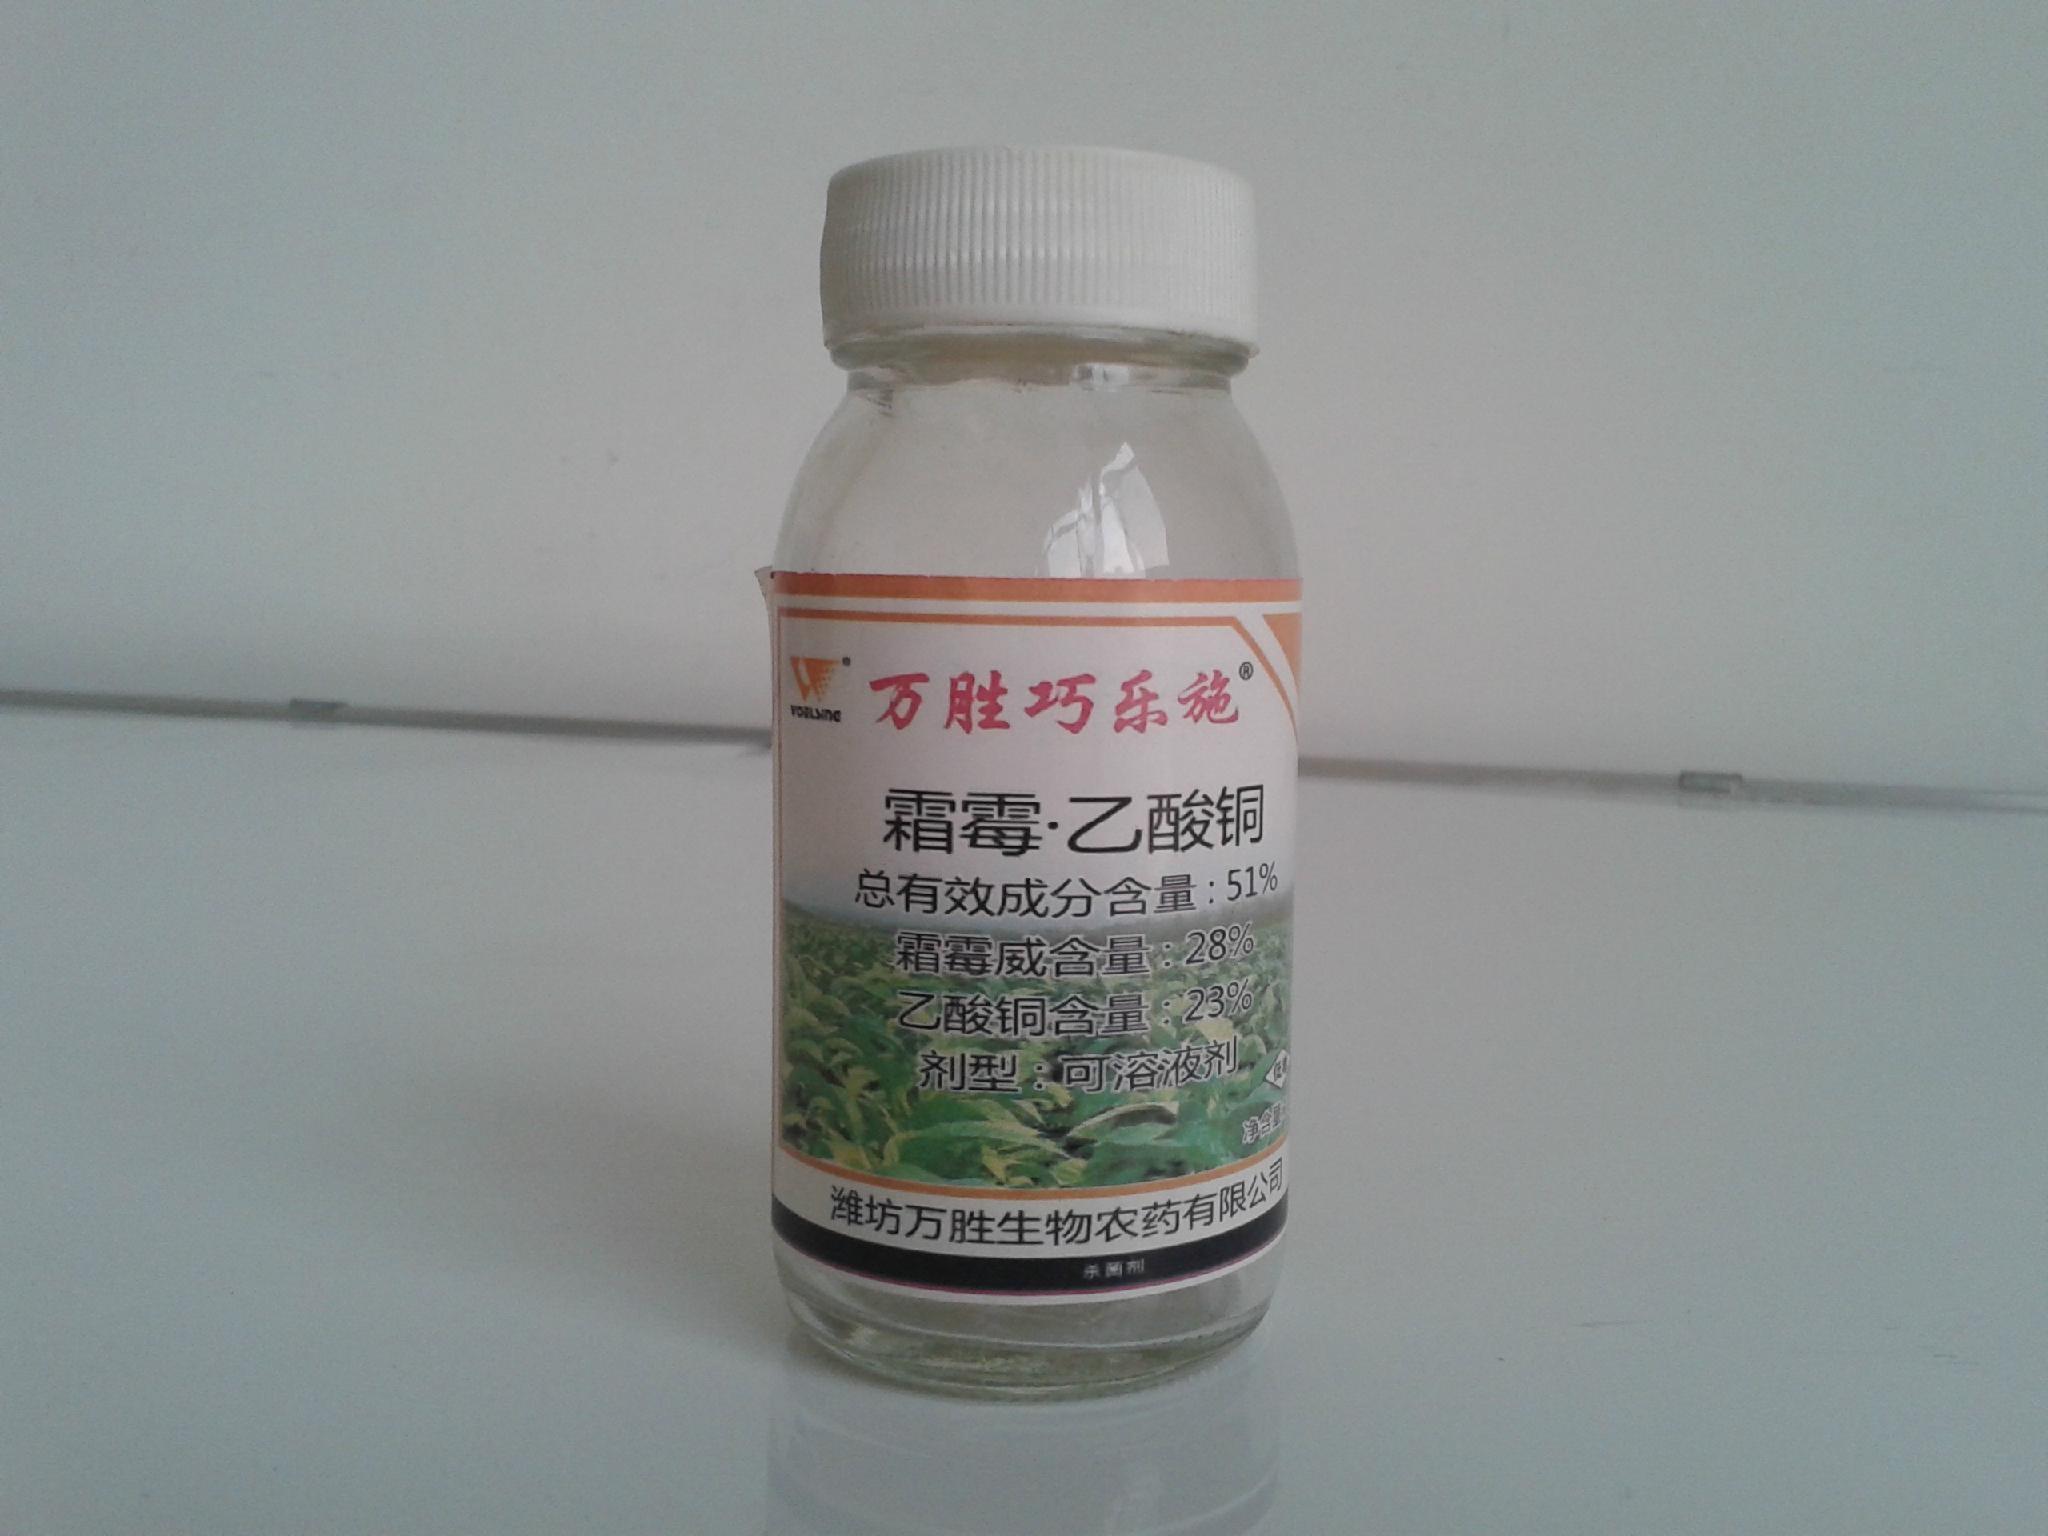 pest for control Propamocarb. Cupric Acetate Monohydrate  2